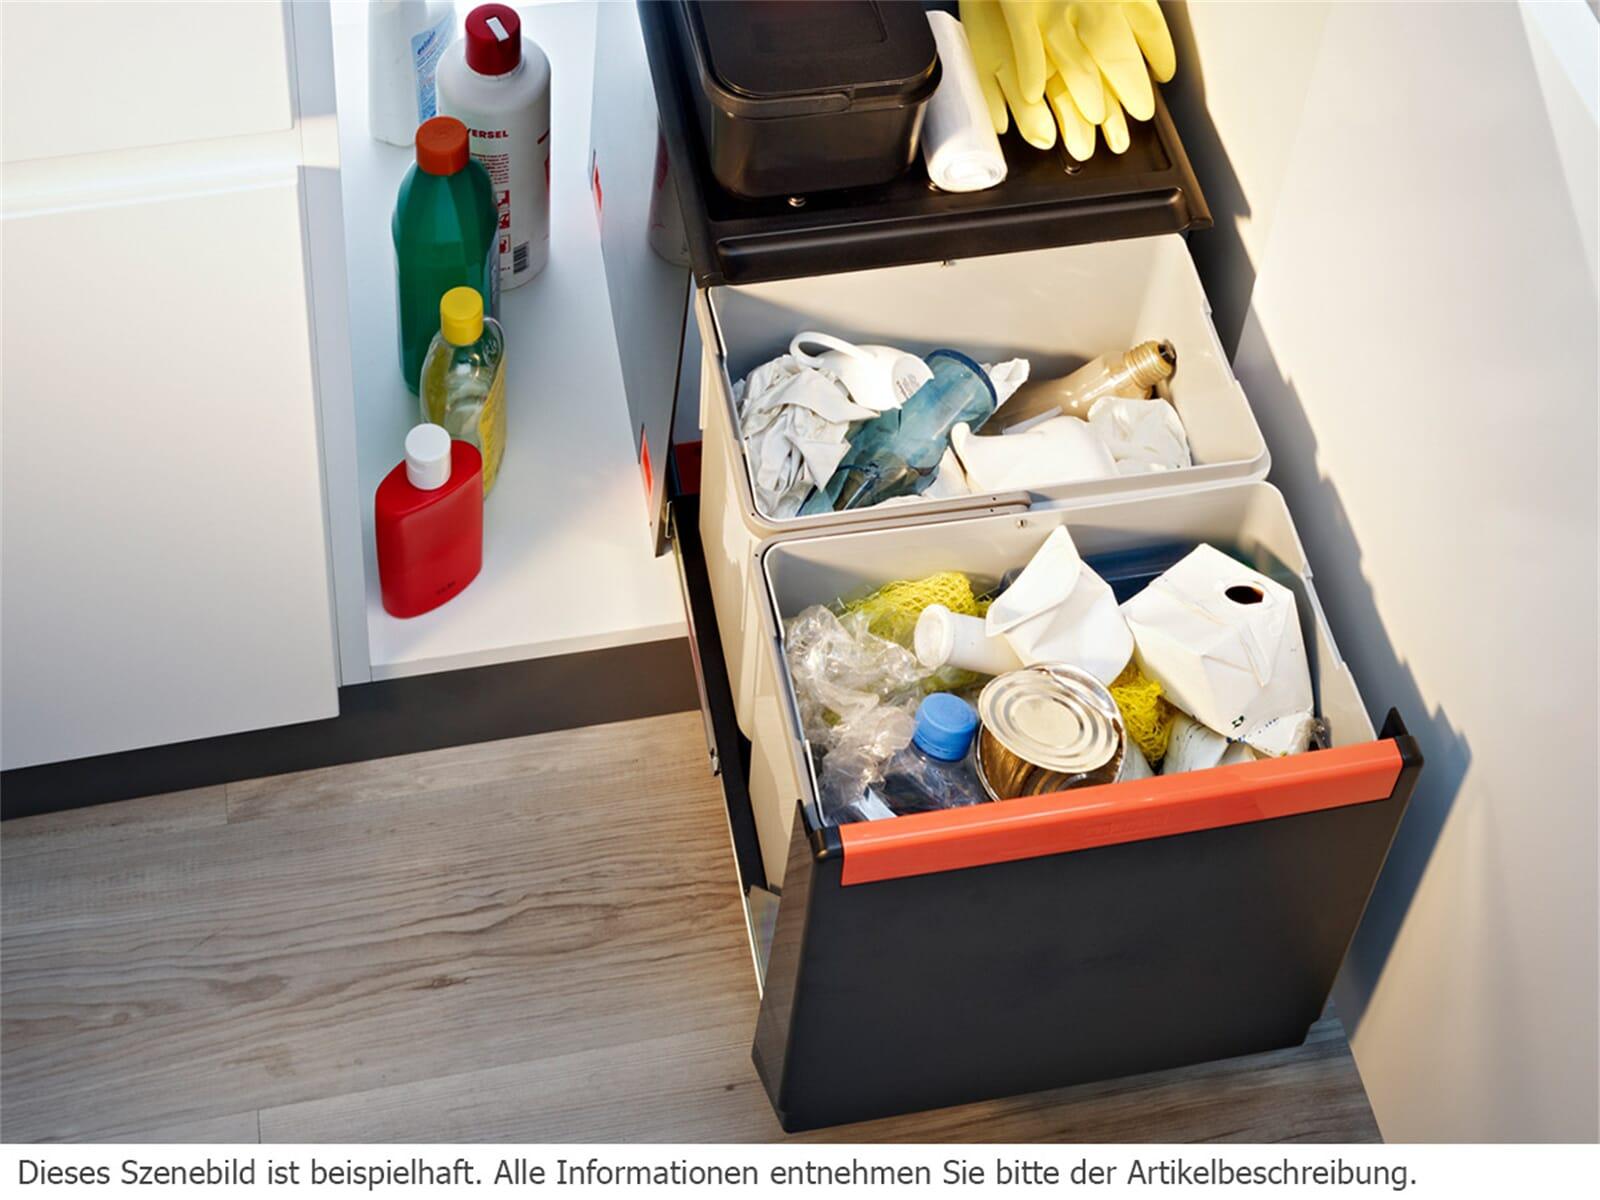 Franke Sorter Cube 41 - 134.0055.270 Einbau Abfallsammler